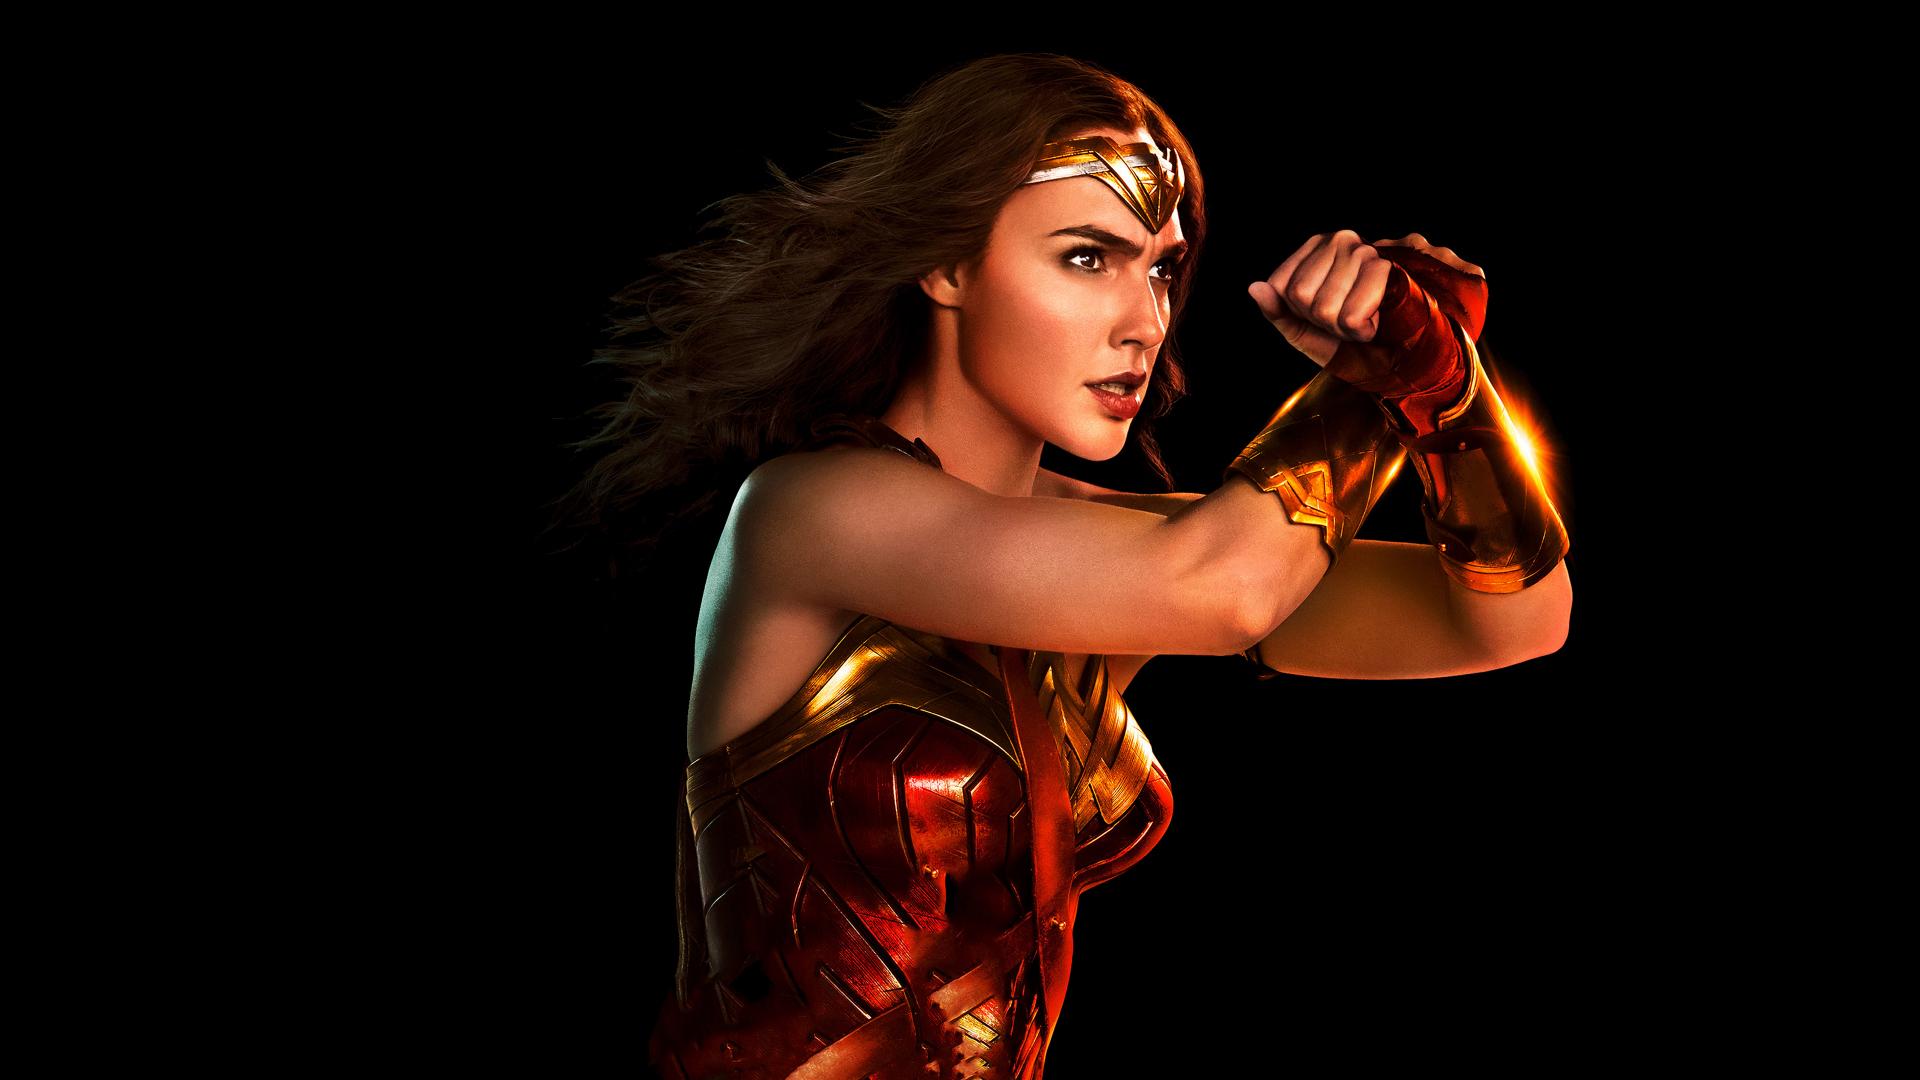 1920x1080 wallpaper Wonder woman, portrait, justice league, 2017 movie, 4k